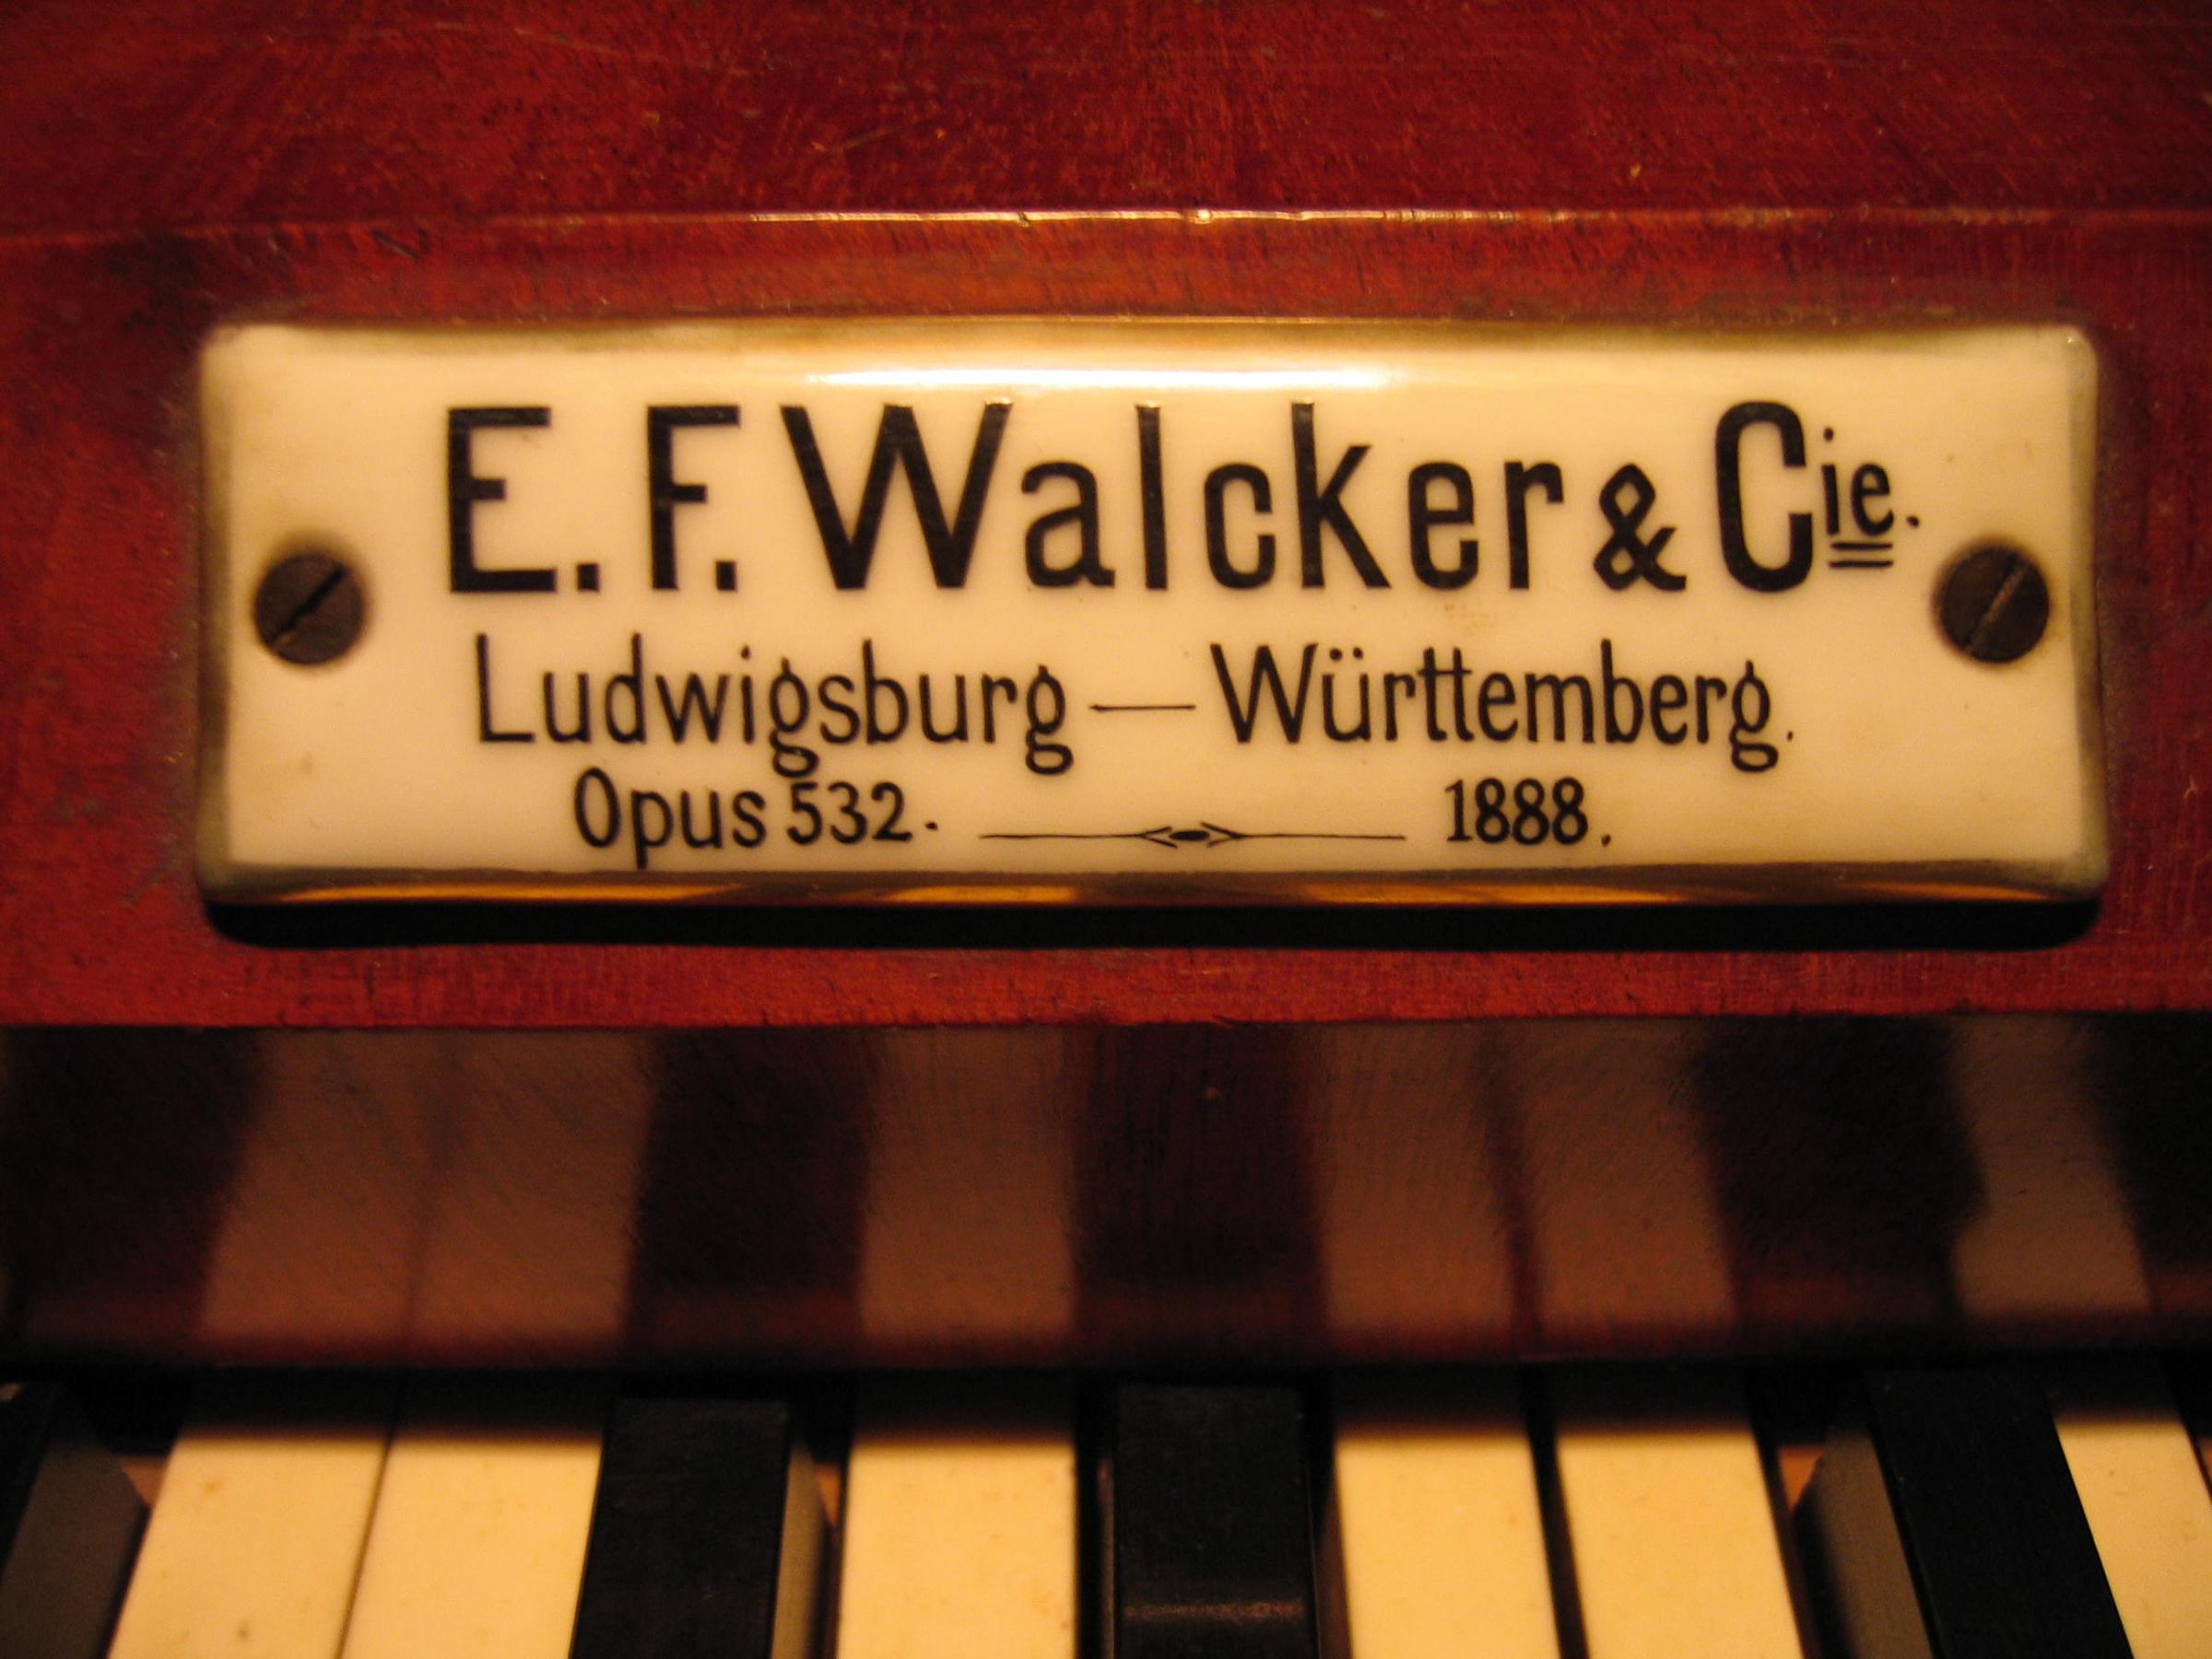 Walcker